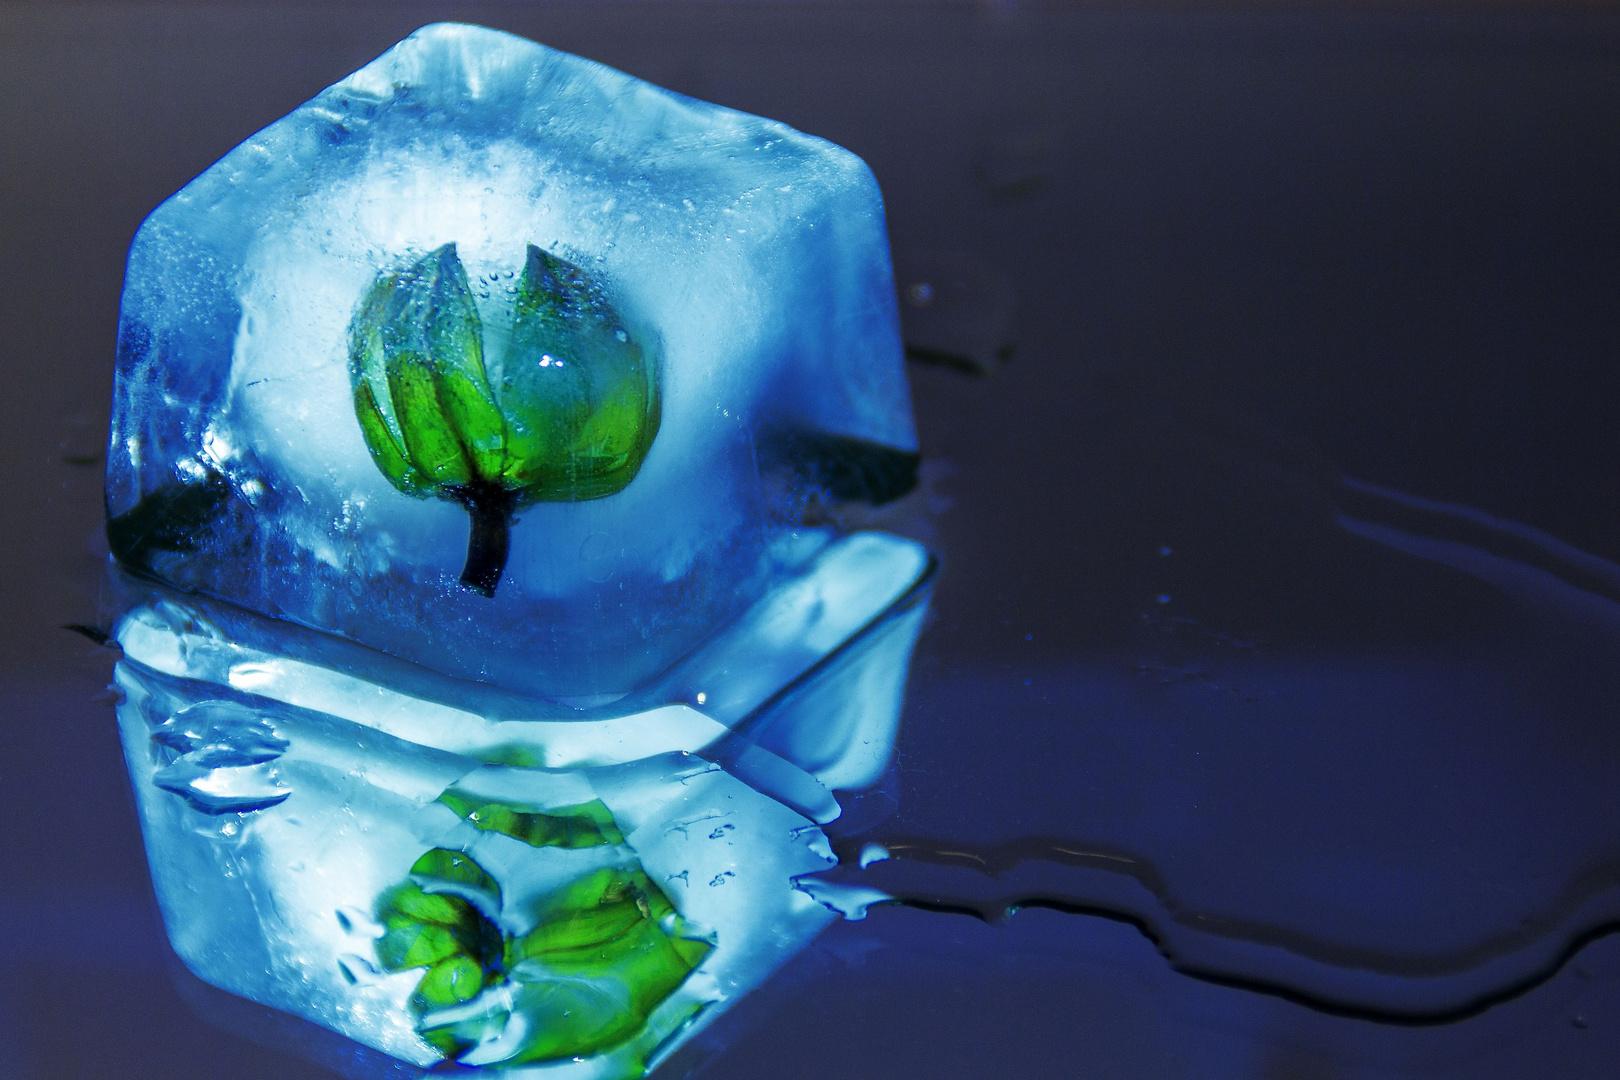 Eiswürfel umschließt eine Knospe...